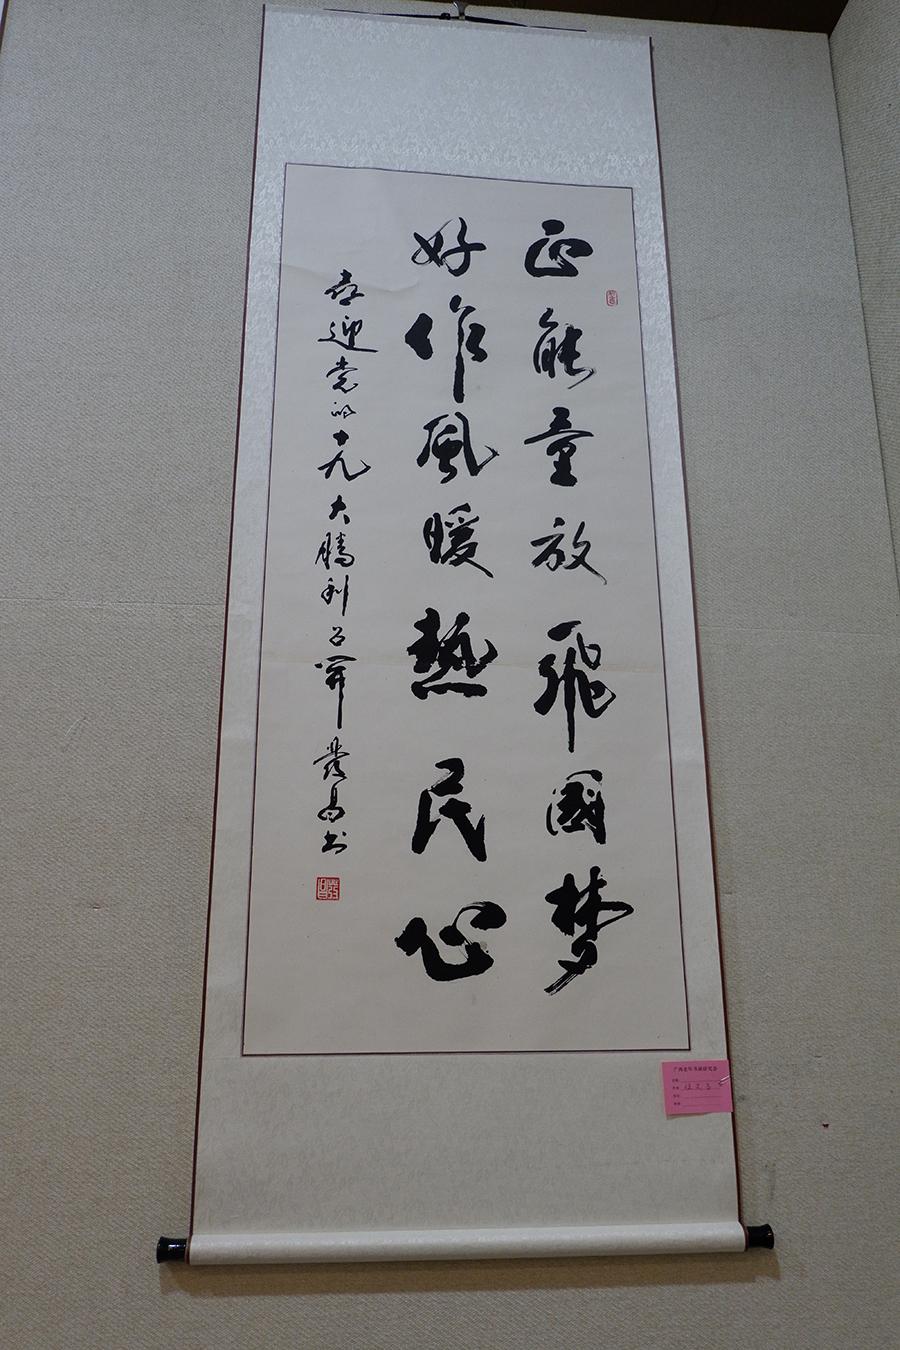 书画添光彩 广西老年书画研究会书画作品展展出